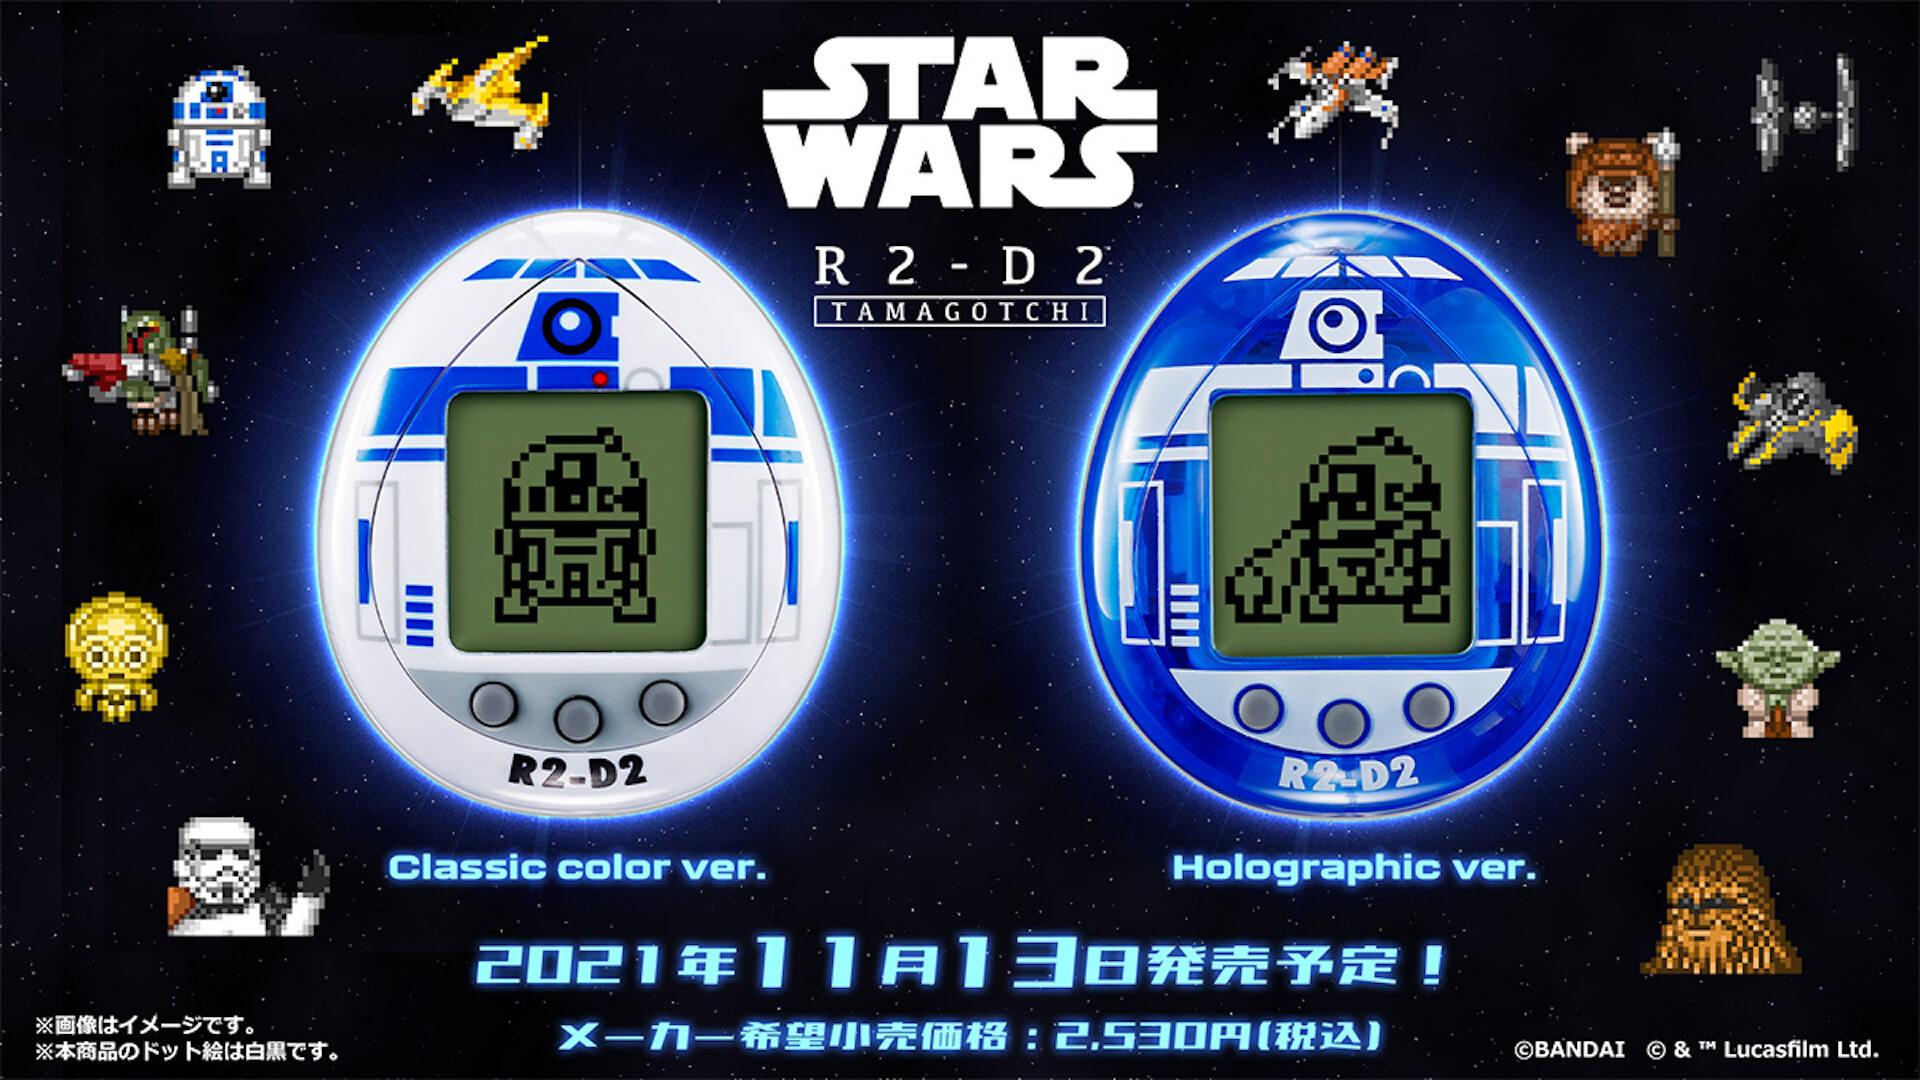 『スター・ウォーズ』のR2-D2をたまごっちで育成しよう!『R2-D2 TAMAGOTCHI』がバンダイから発売決定 tech210803_starwars_r2d2_1